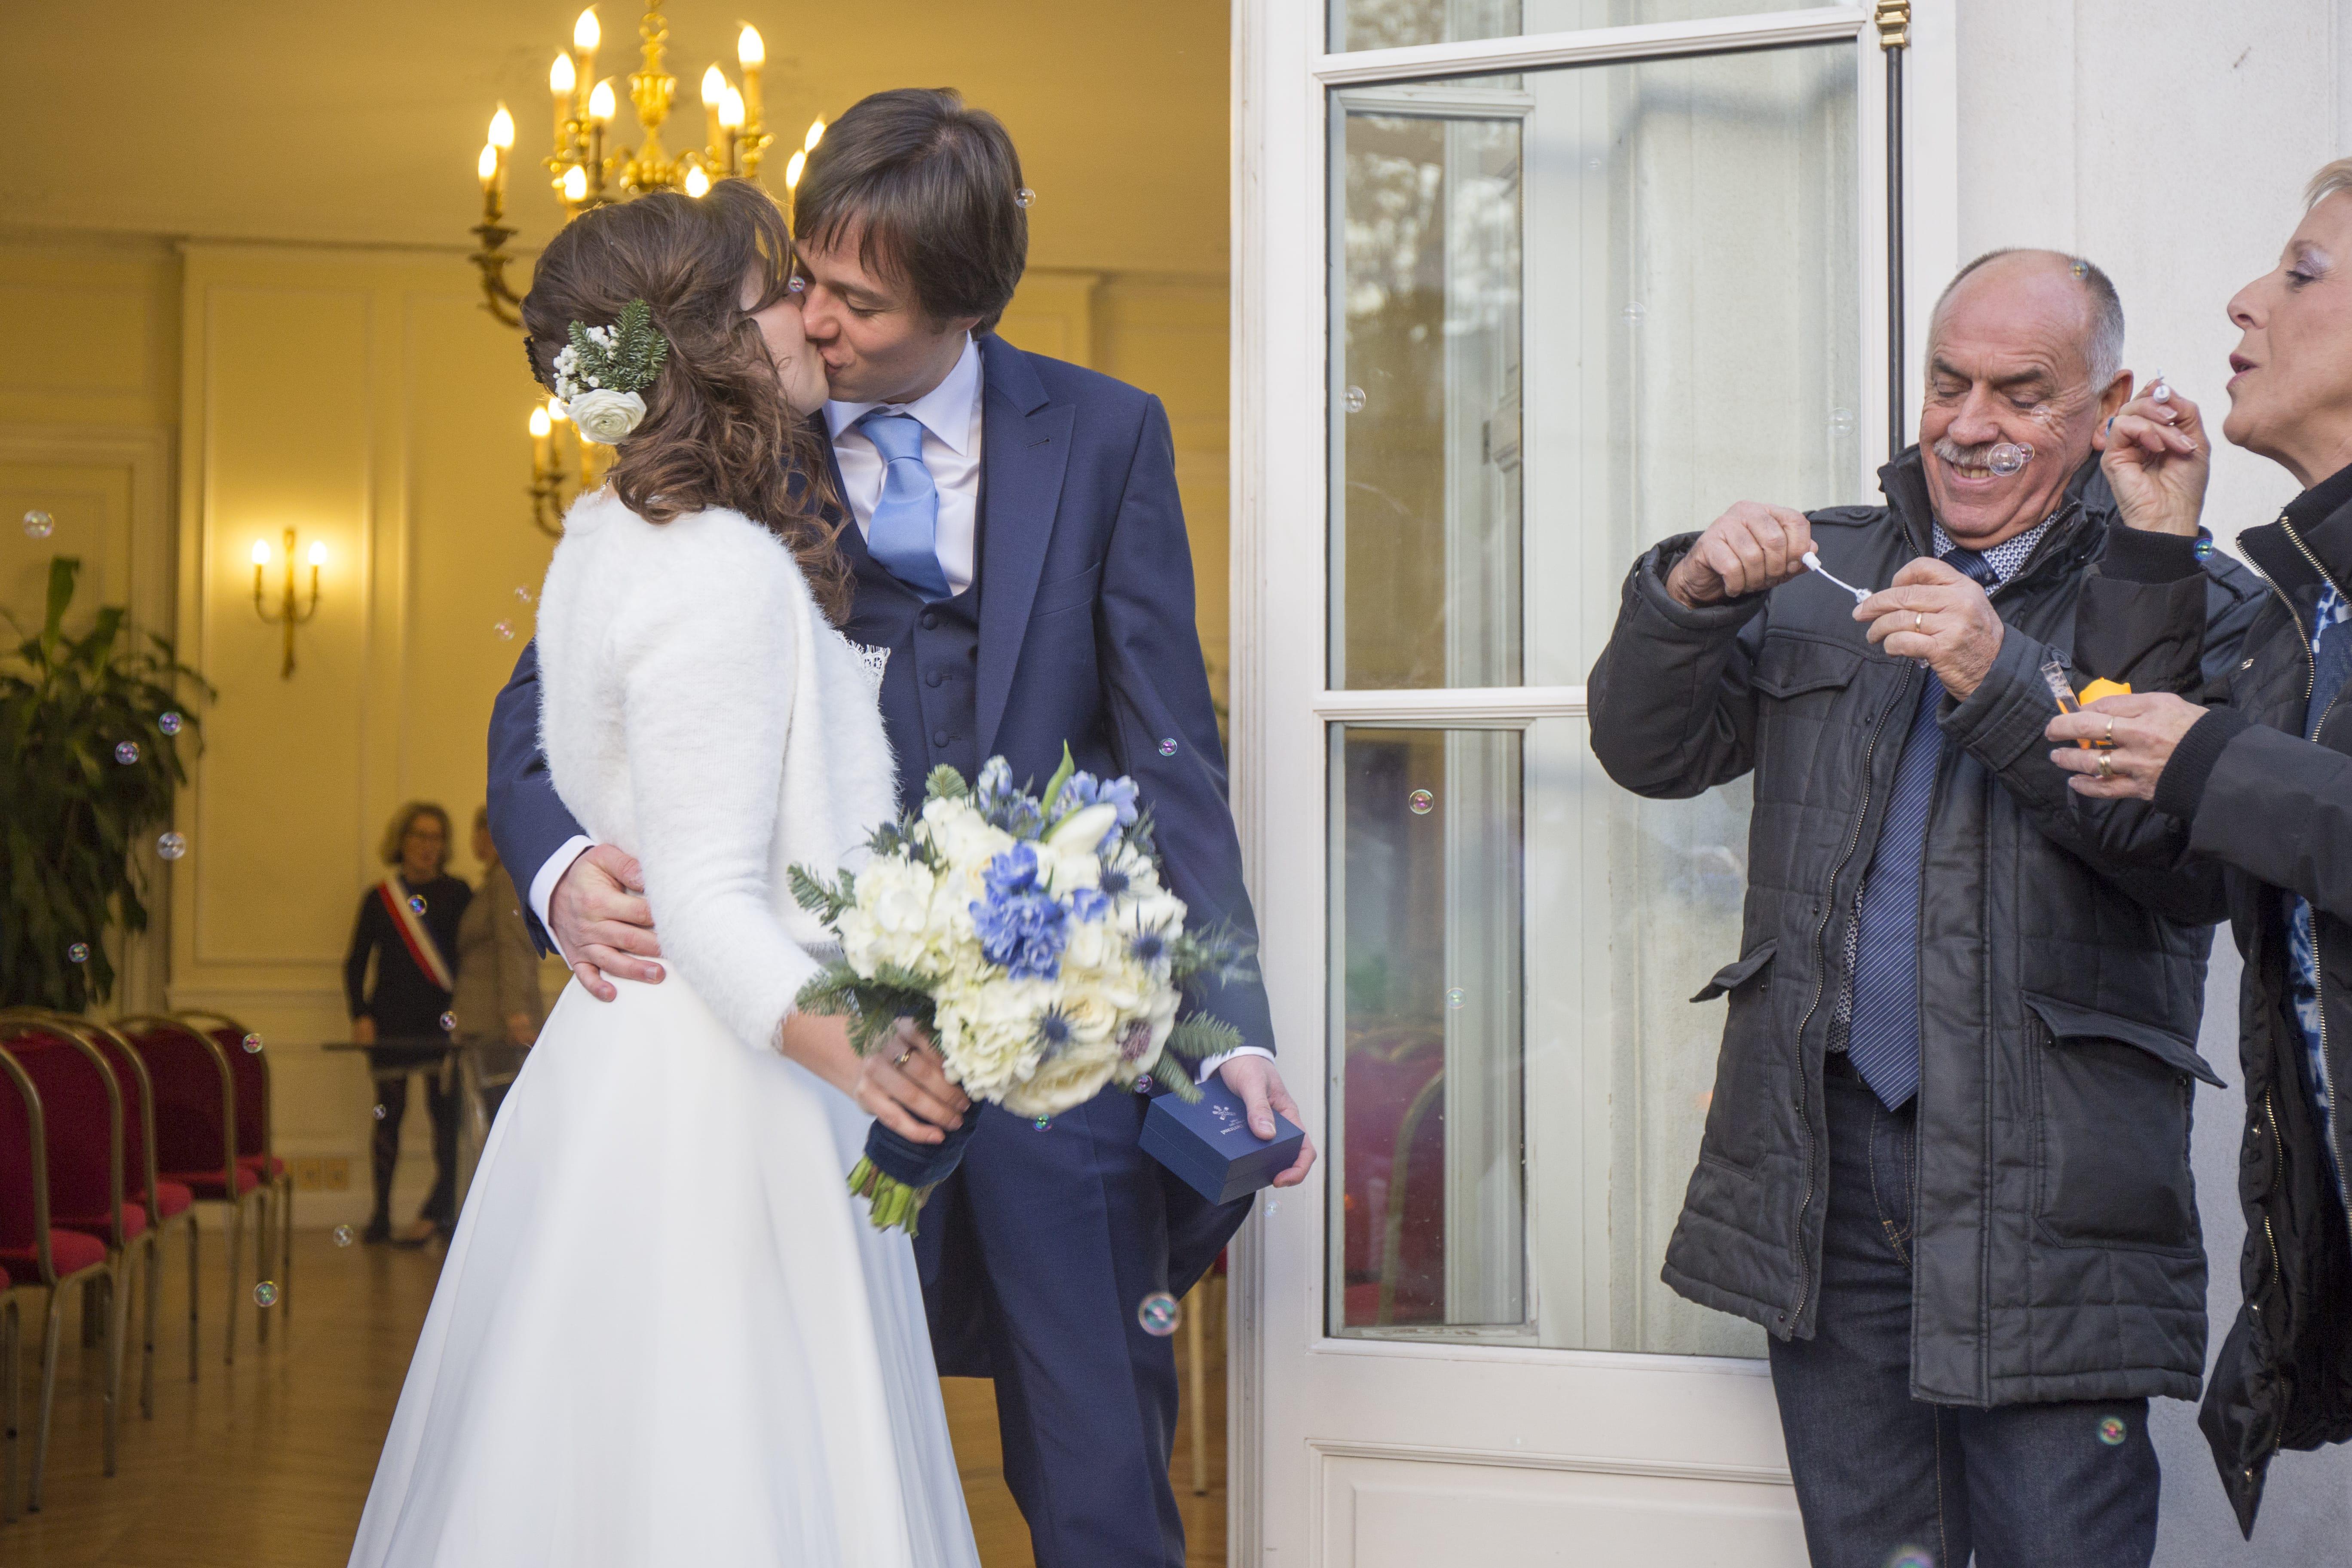 Un mariage de Noël, chapitre XI : notre cérémonie ou un trop plein d'émotions – Partie 2